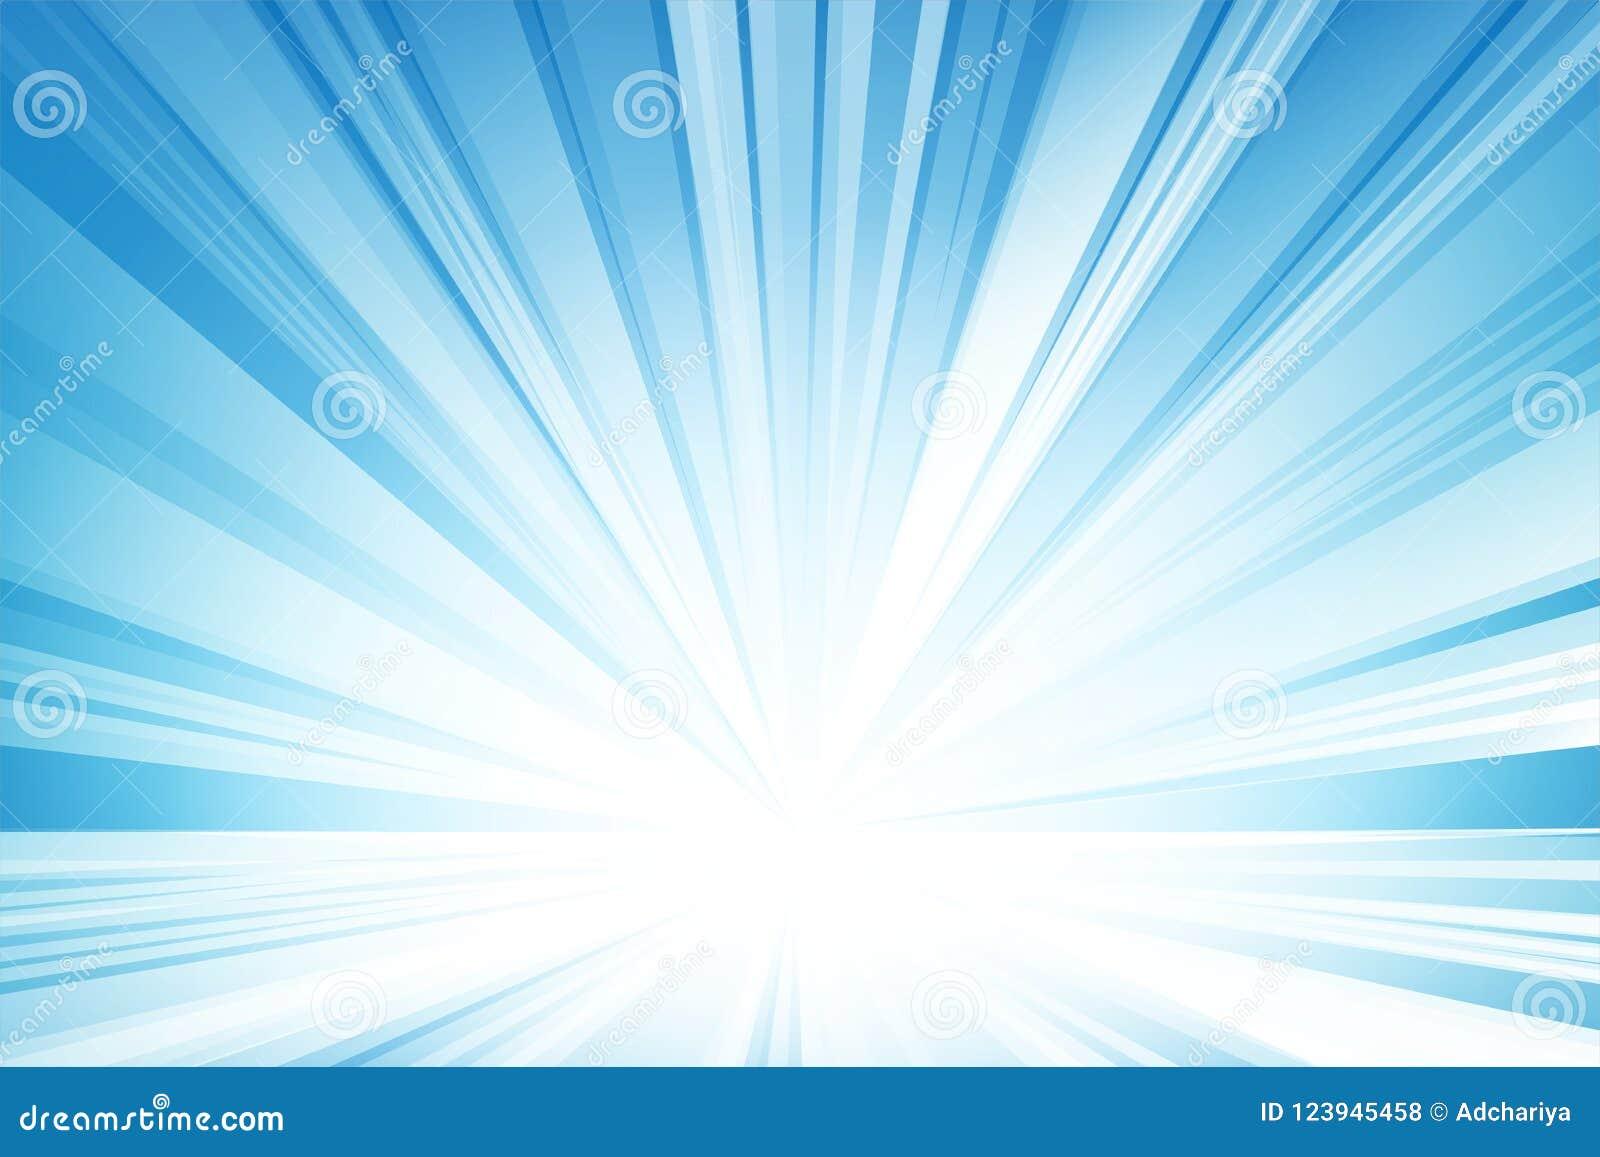 Abstracte lichtblauwe achtergrond, vector en illustratie